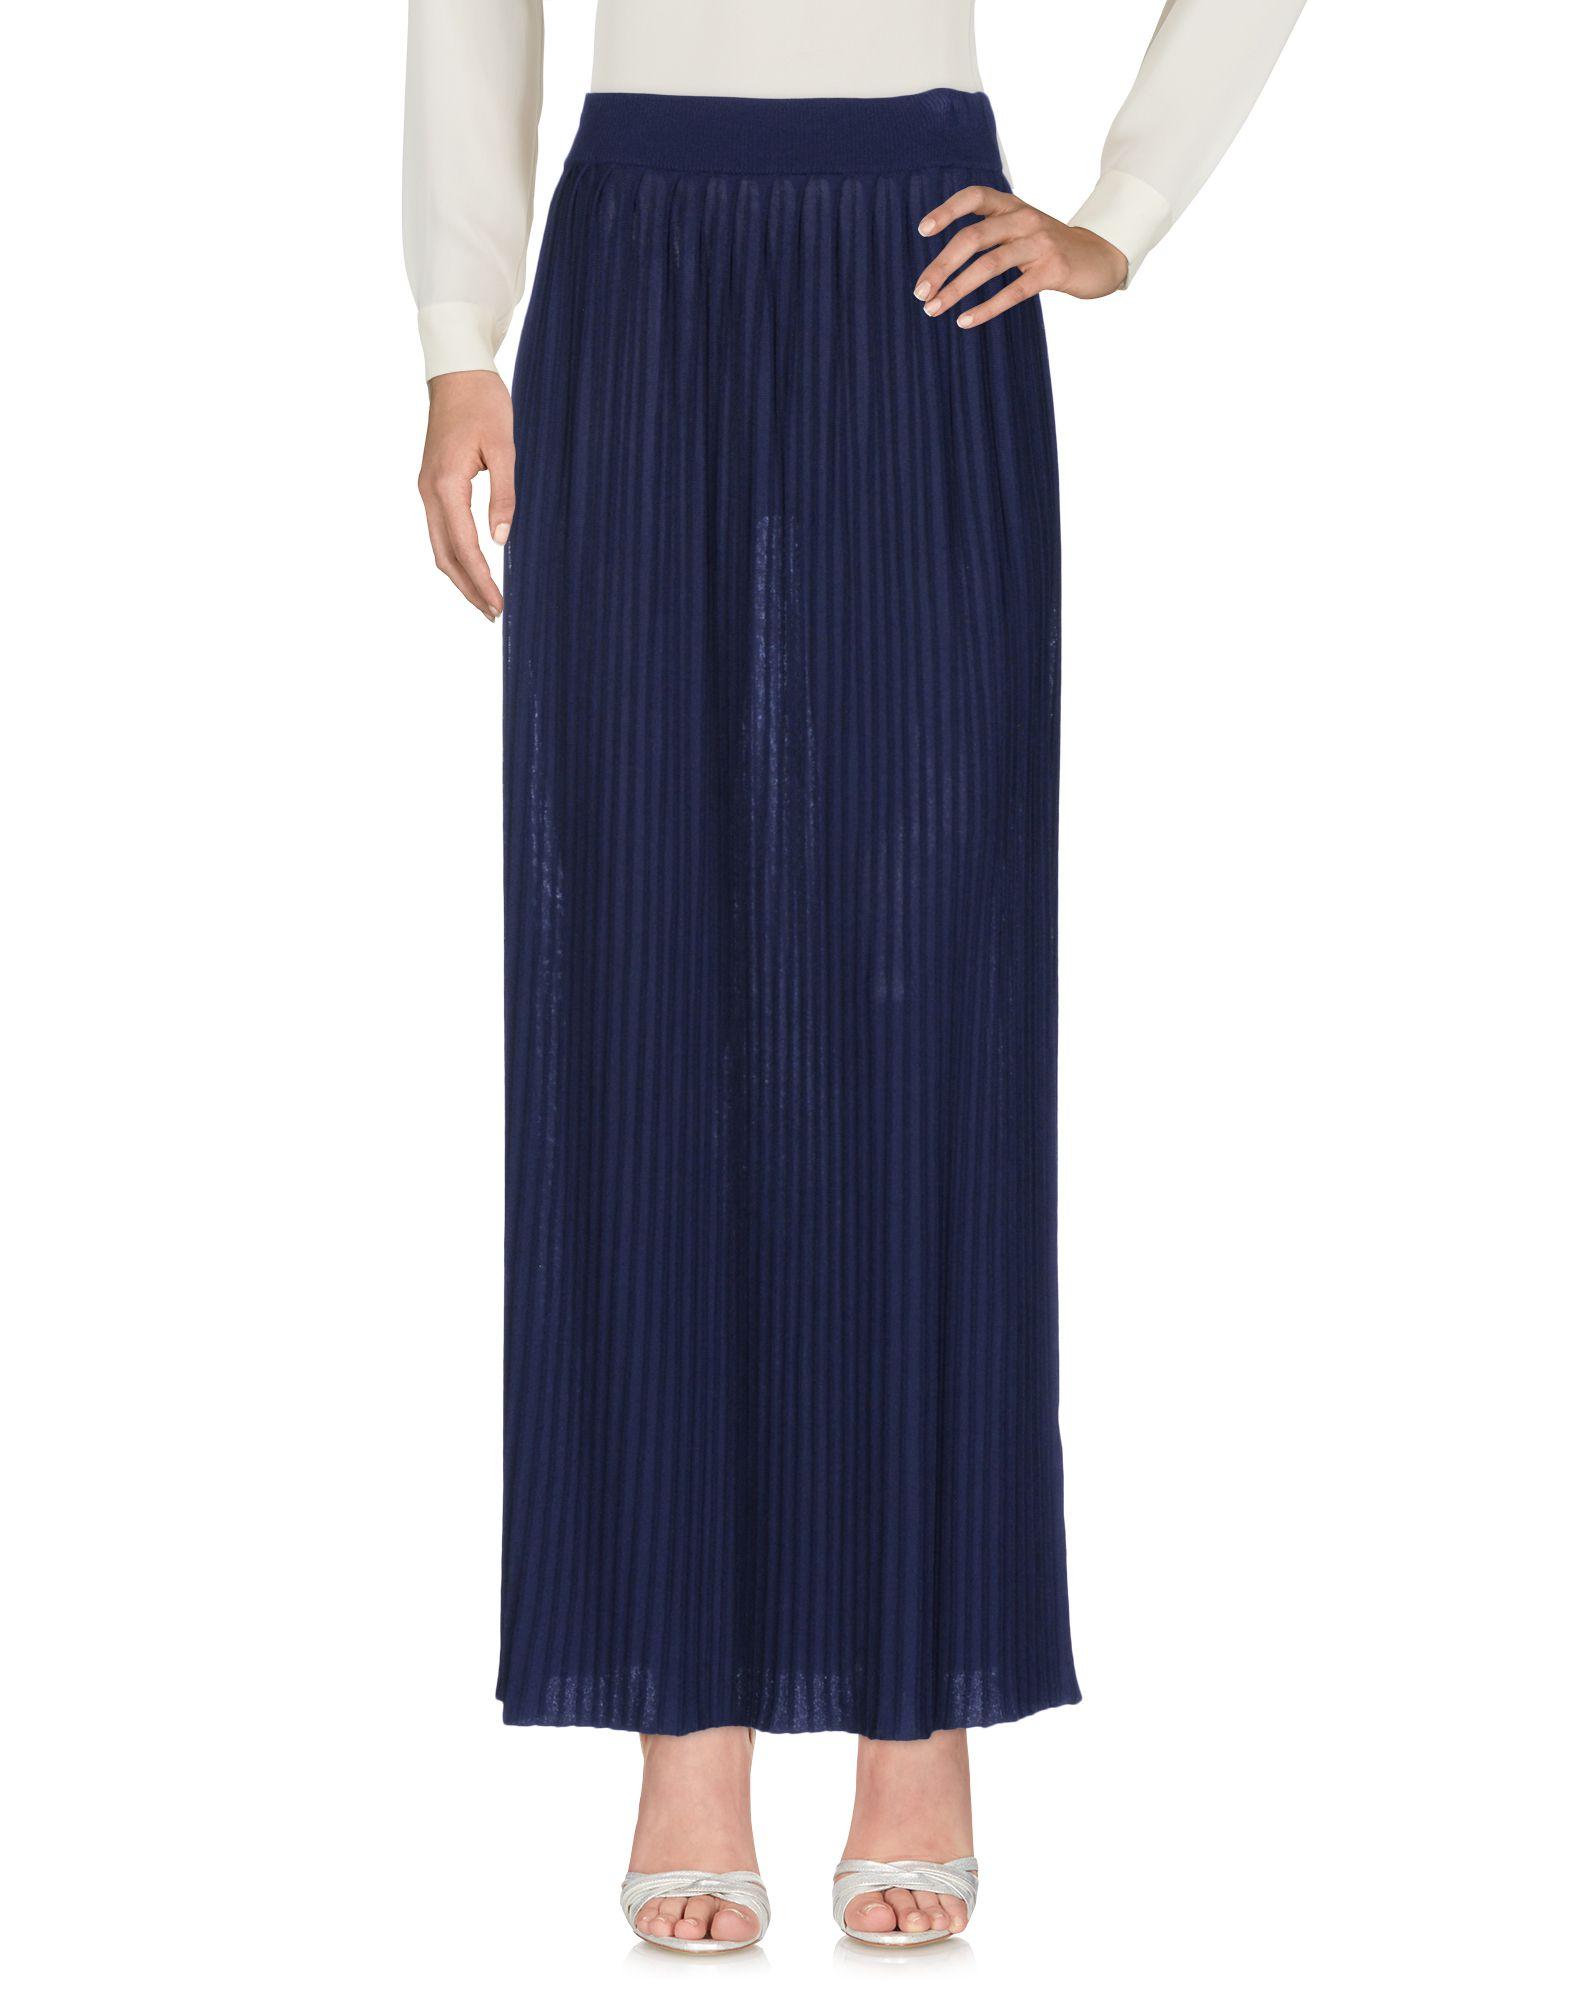 купить GIGUE Длинная юбка по цене 3950 рублей